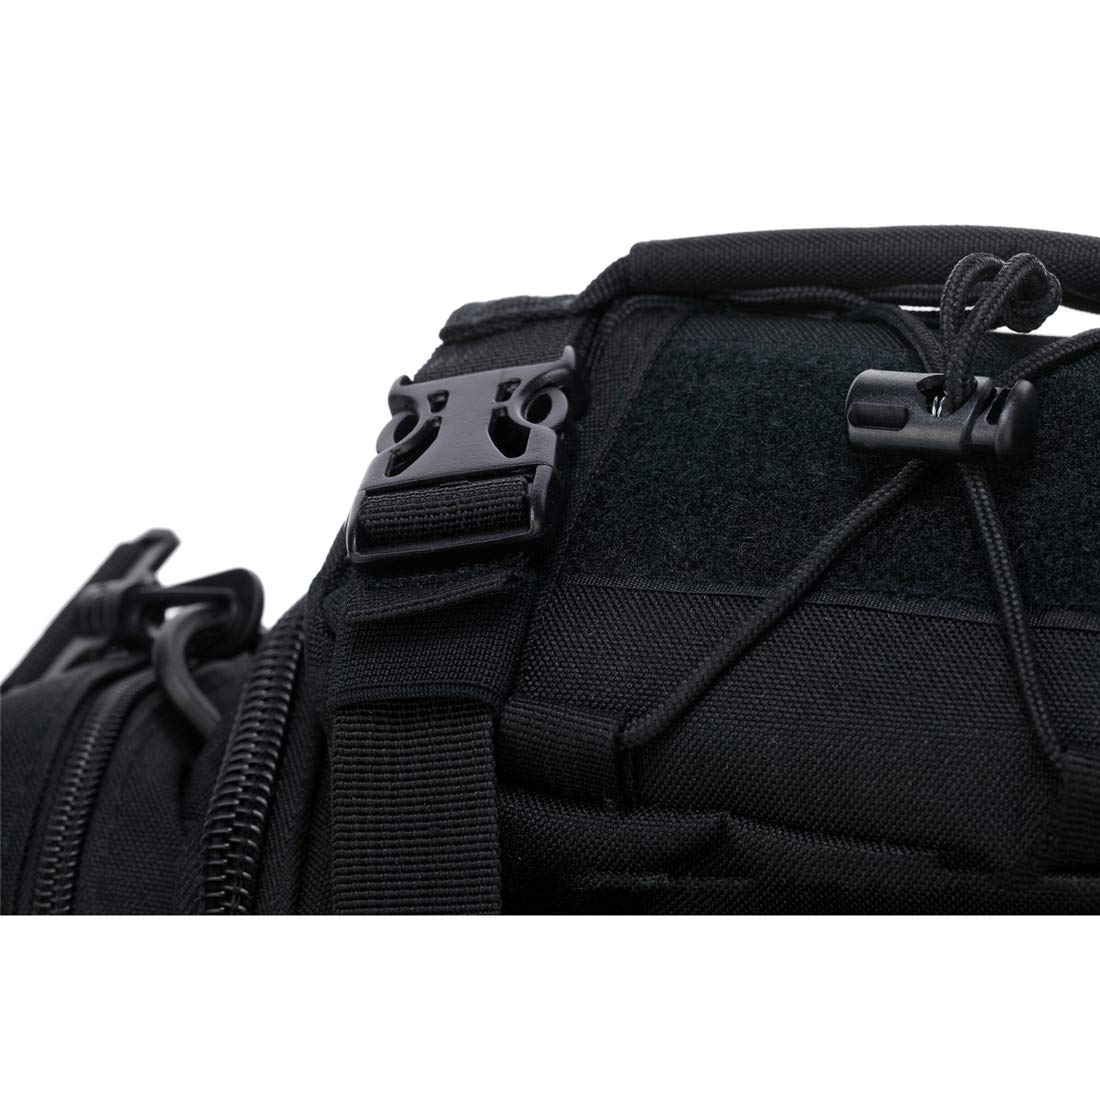 LBWNB Angelzubehör-Aufbewahrungstasche - - - Isolierte multifunktionale Fliegenfischen-Reisetasche Pack Carryall Größe Handtasche Schultertasche Wasserdichte Jagdzyklus-Außentasche B07QG8VS1M Ruckscke Lass unsere Waren in die Welt gehen de0537